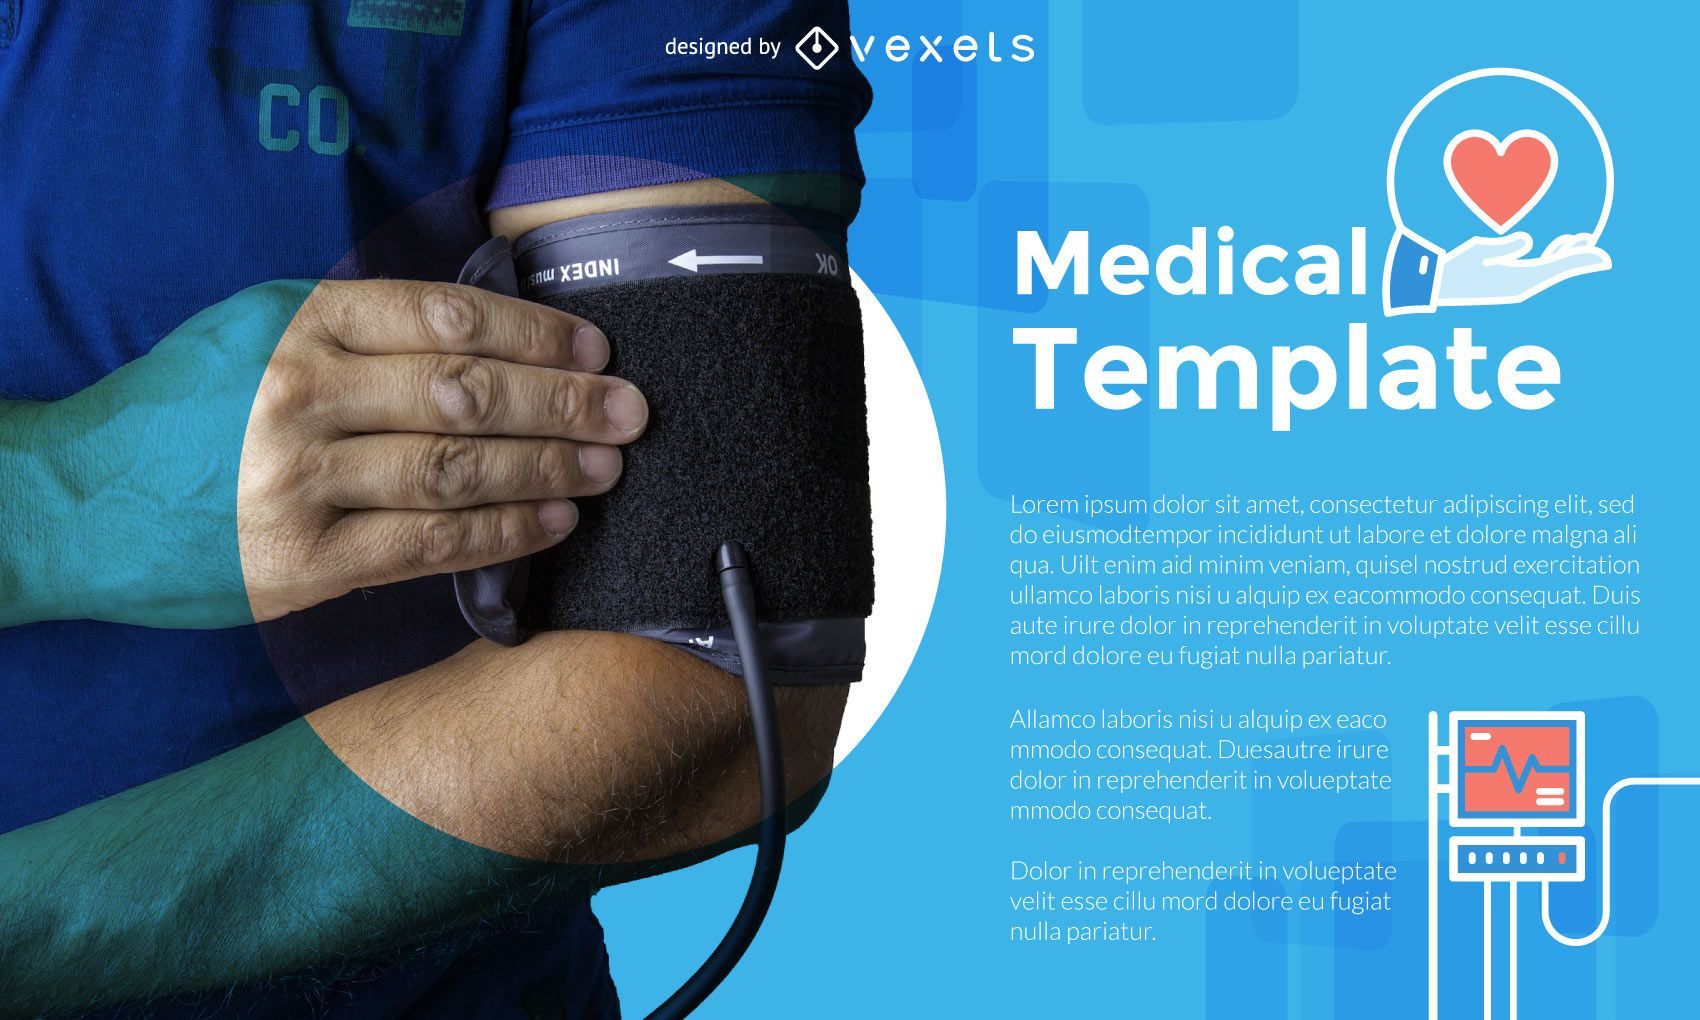 Diseño de plantilla médica con imagen y texto.